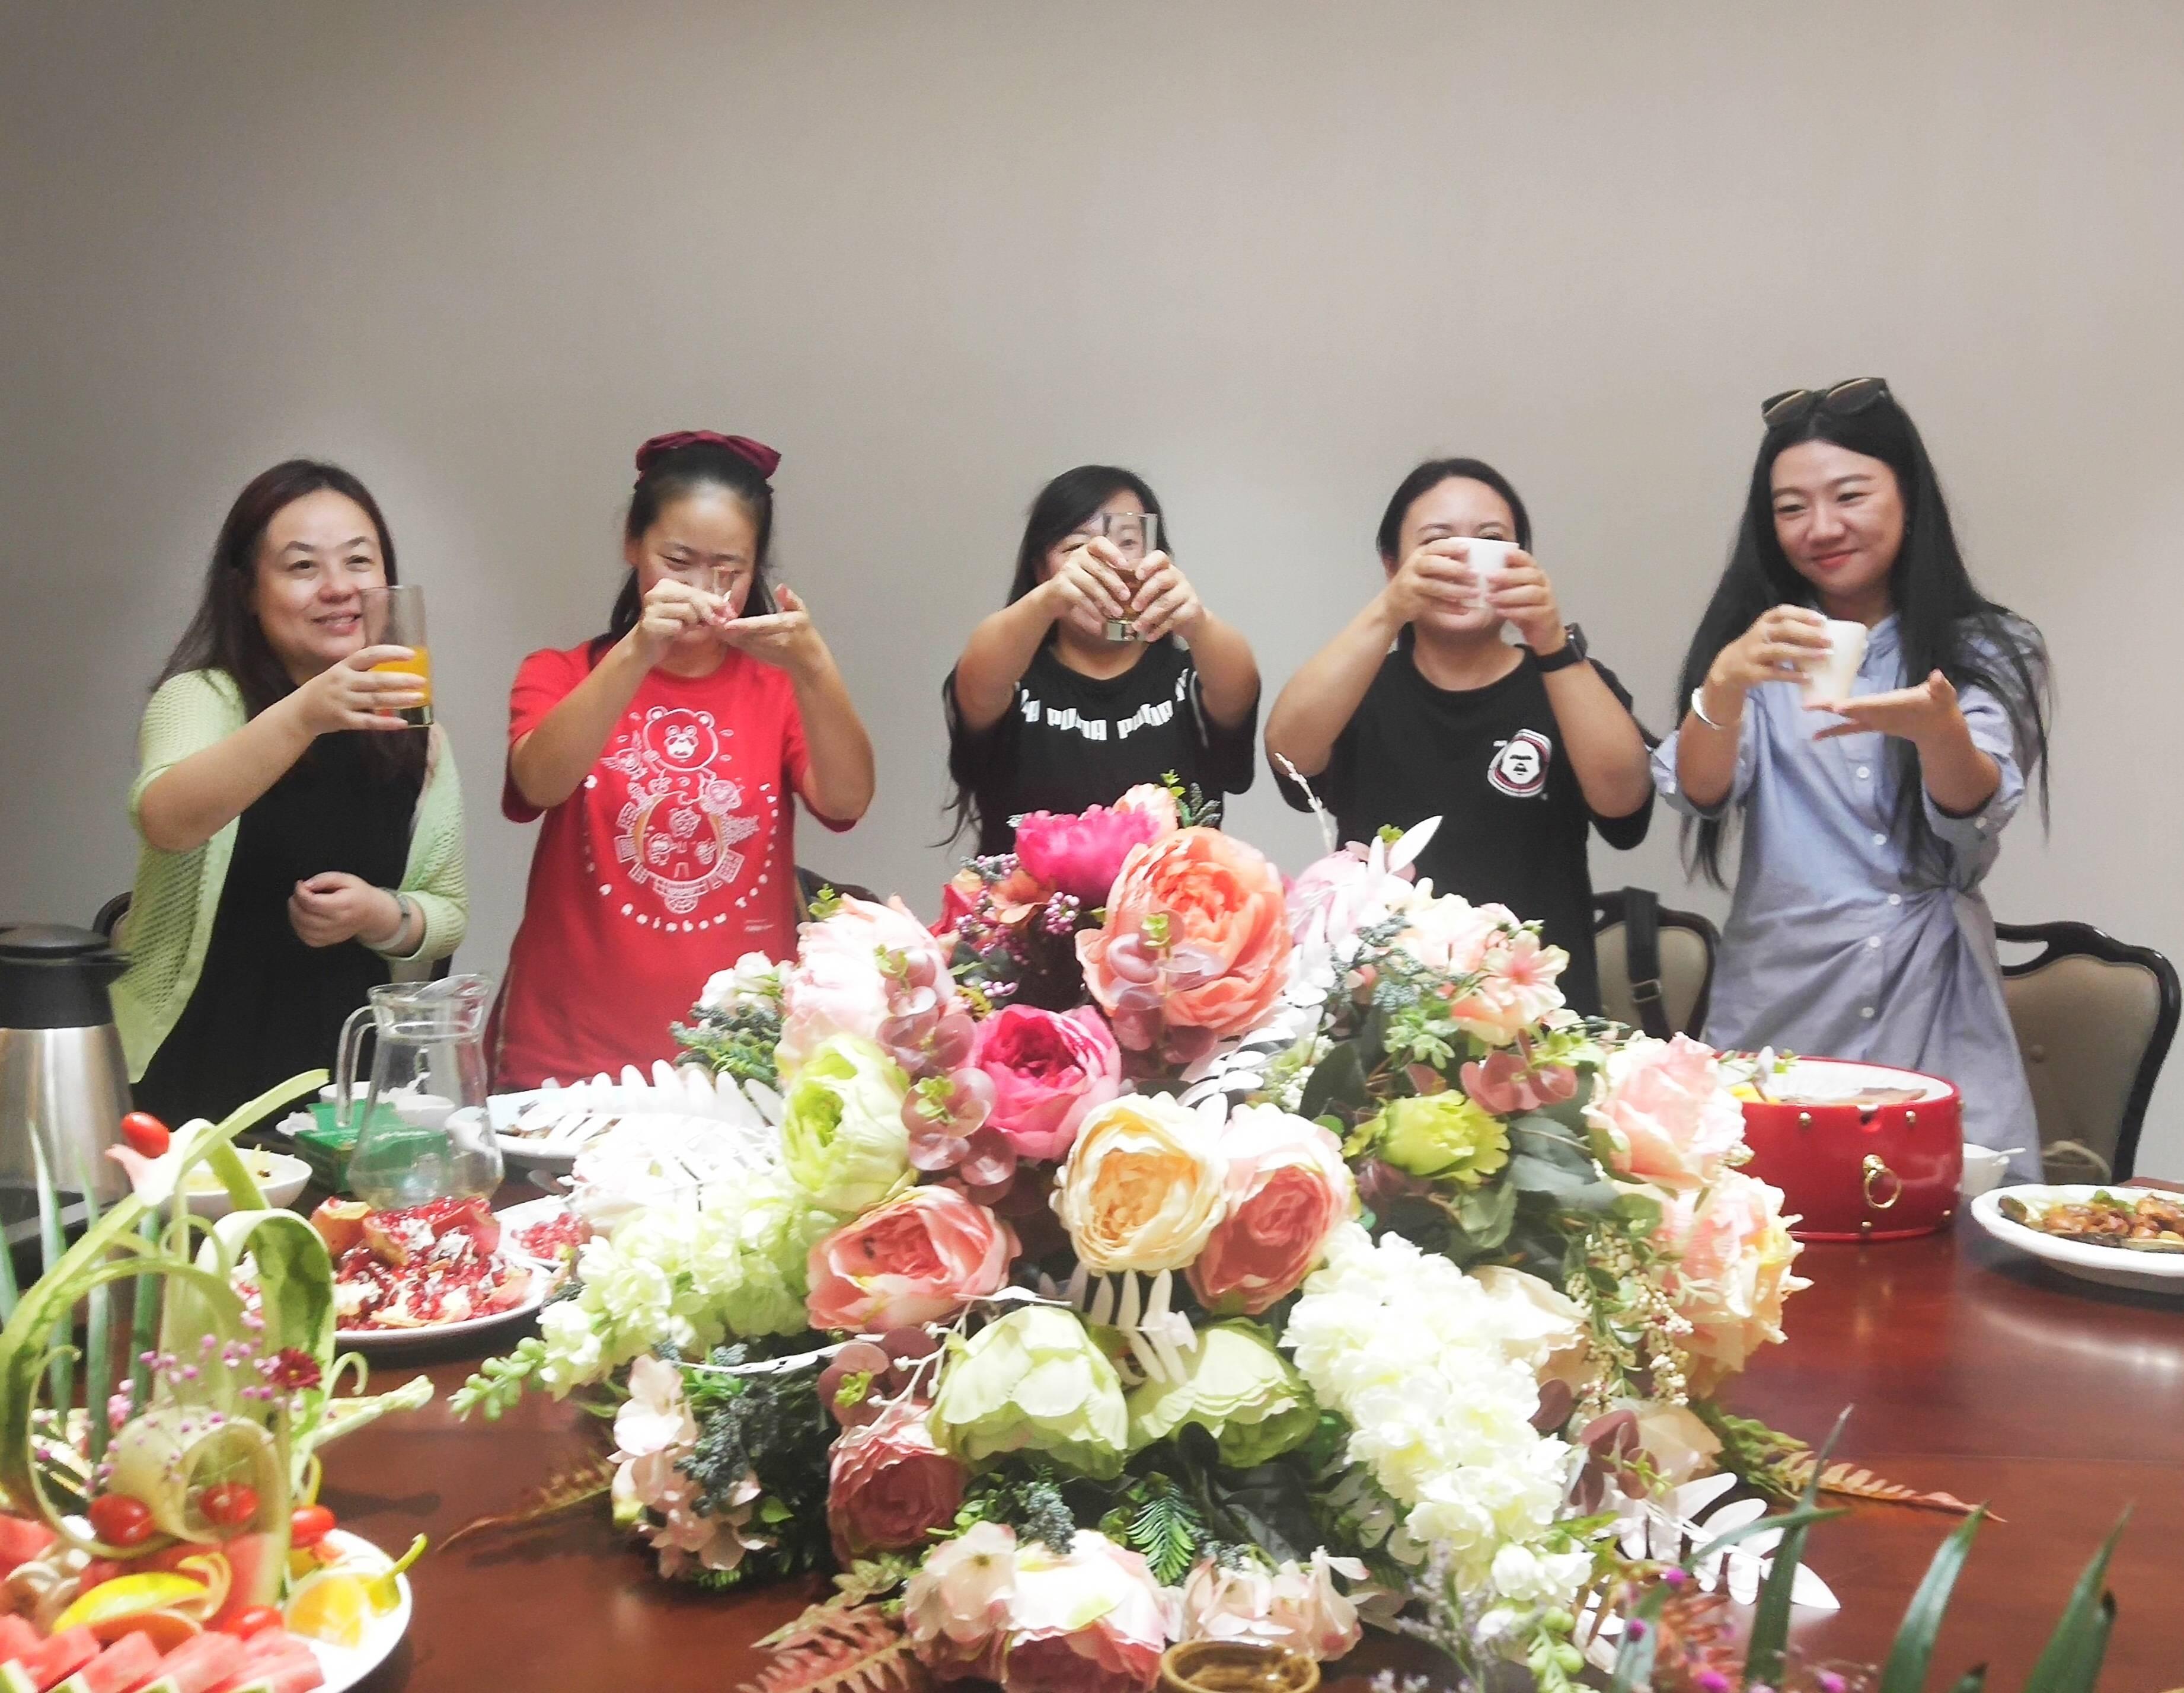 昆明更受欢迎的云南菜餐厅 ——12年专心做好云南菜的餐厅